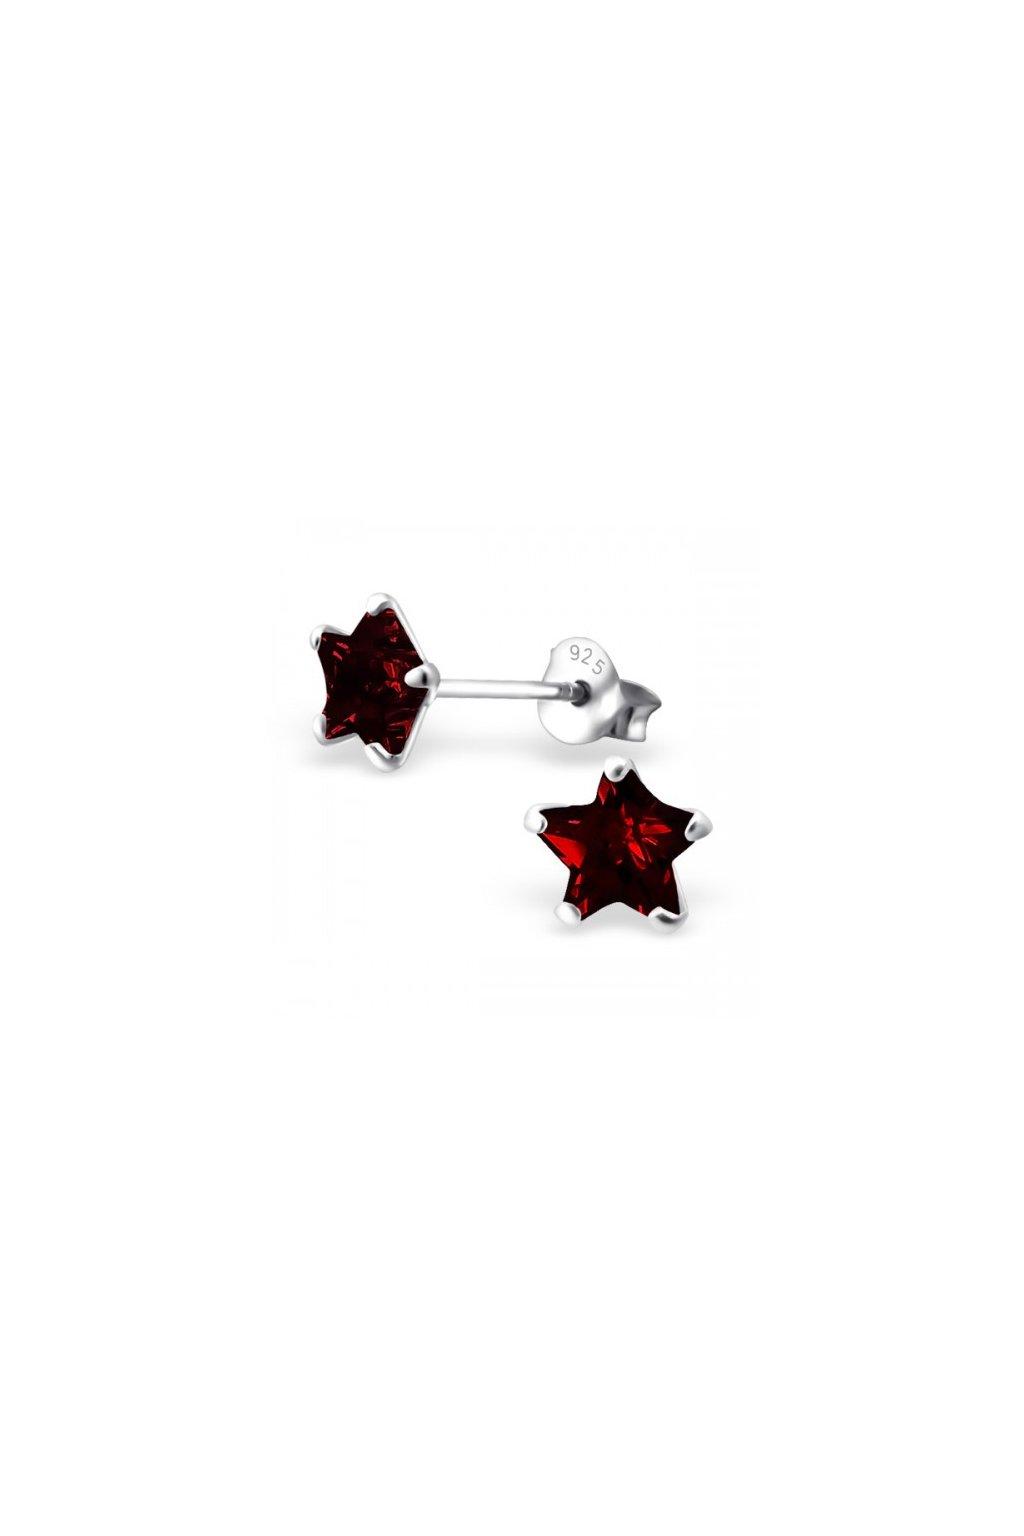 Strieborné náušnice hviezdy - 925 cz kryštál granát MS9526